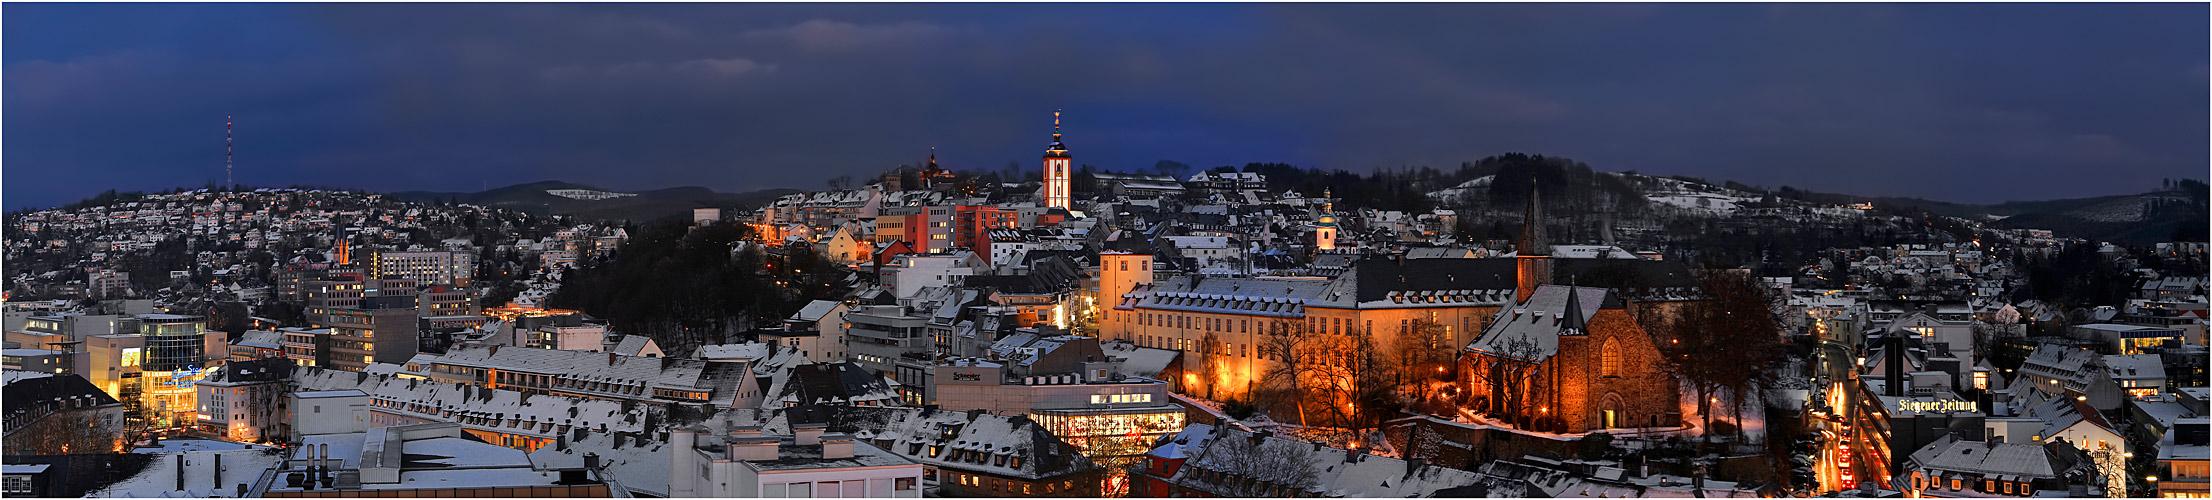 Siegen im winter foto bild architektur architektur bei nacht winter bilder auf fotocommunity - Architektur siegen ...